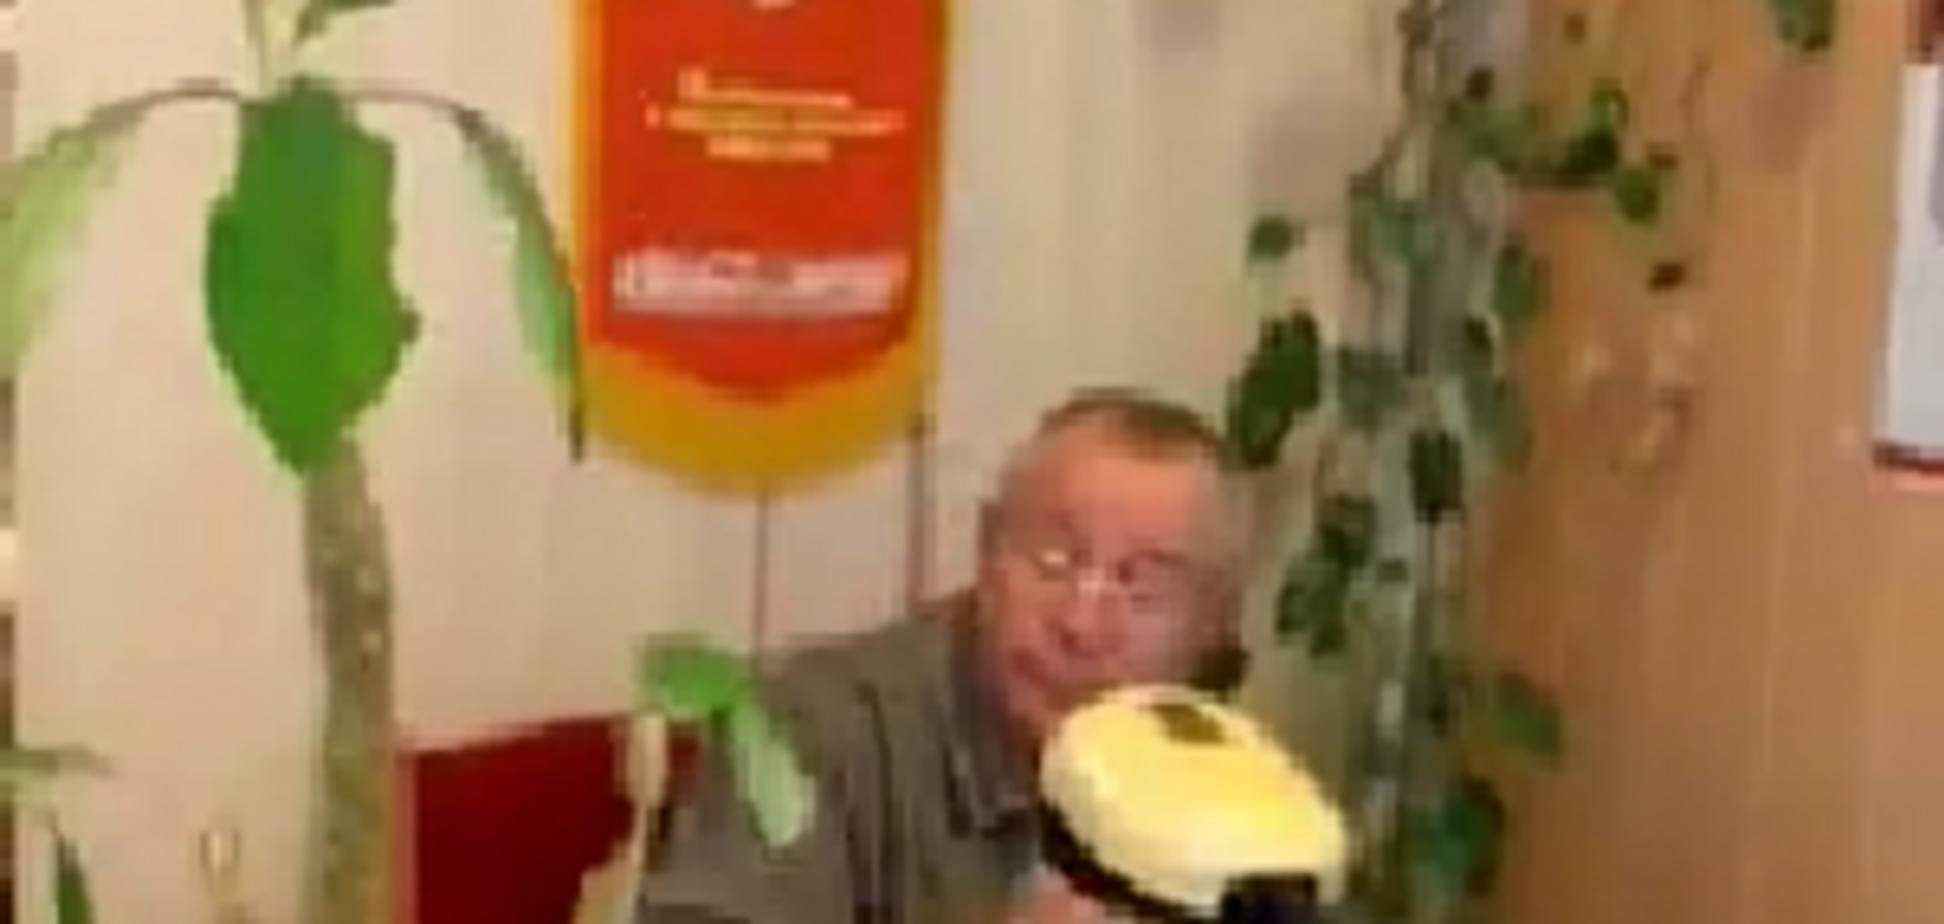 'Вызывай СБУ!' В украинском вузе разгорелся скандал из-за символики СССР. Видео